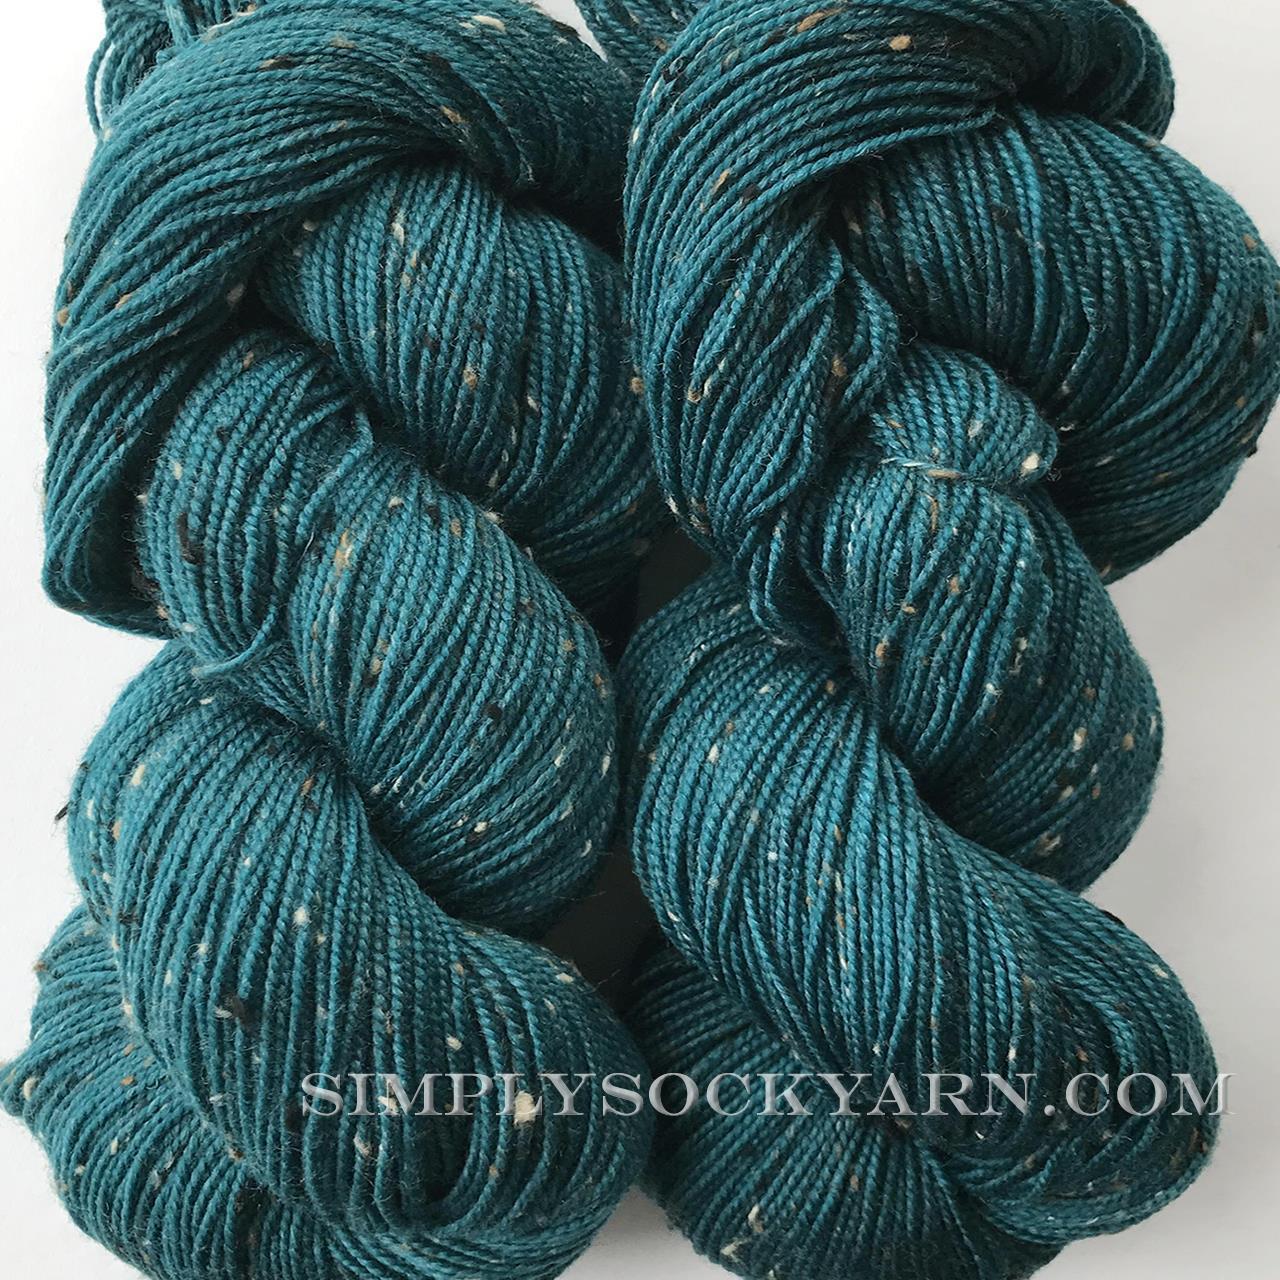 HLoco Tweed Agate -